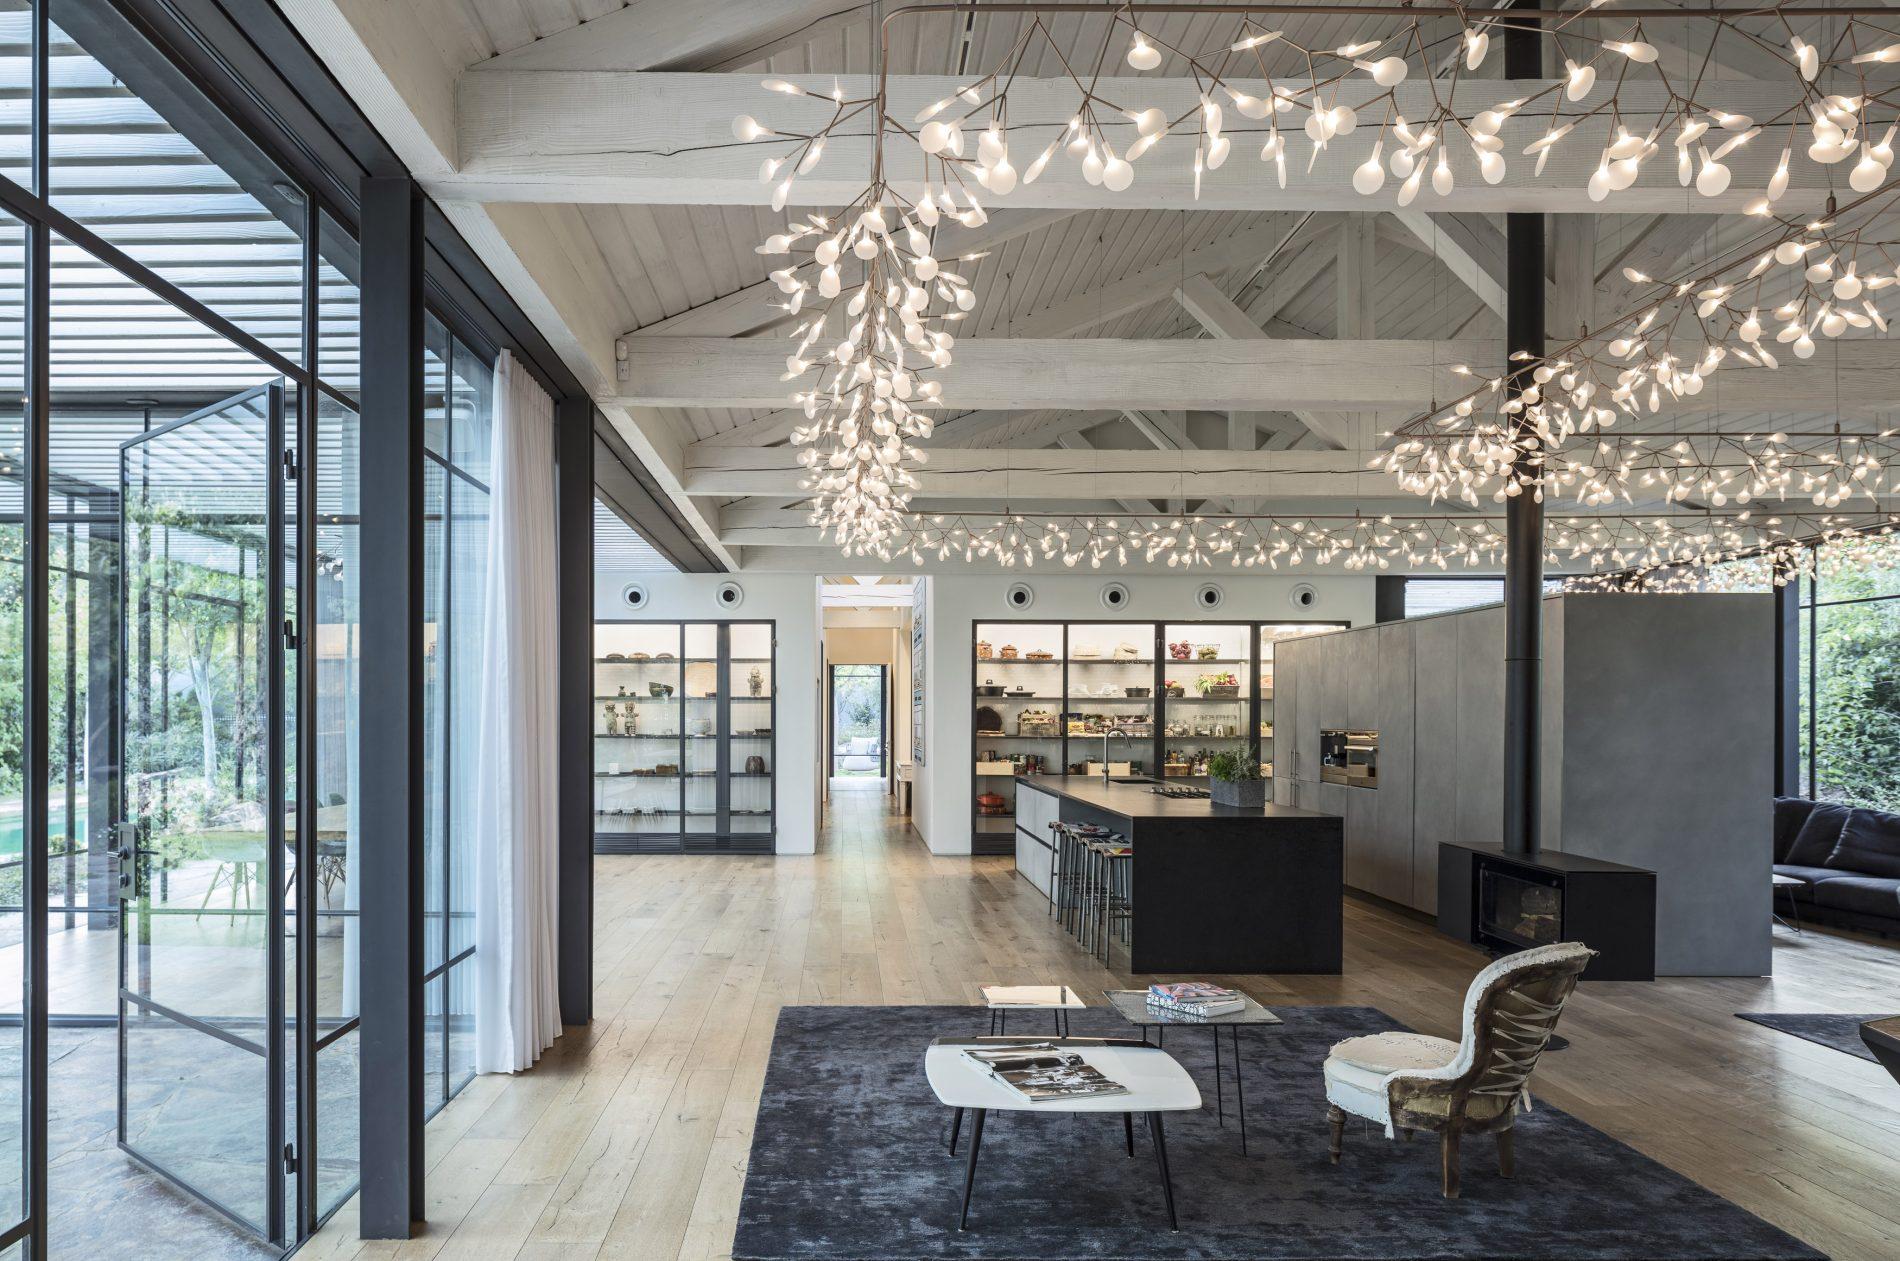 פנים הבית כולל מבט אל ארון פינת האוכל וארון המטבח השקופים - בית הזכוכית